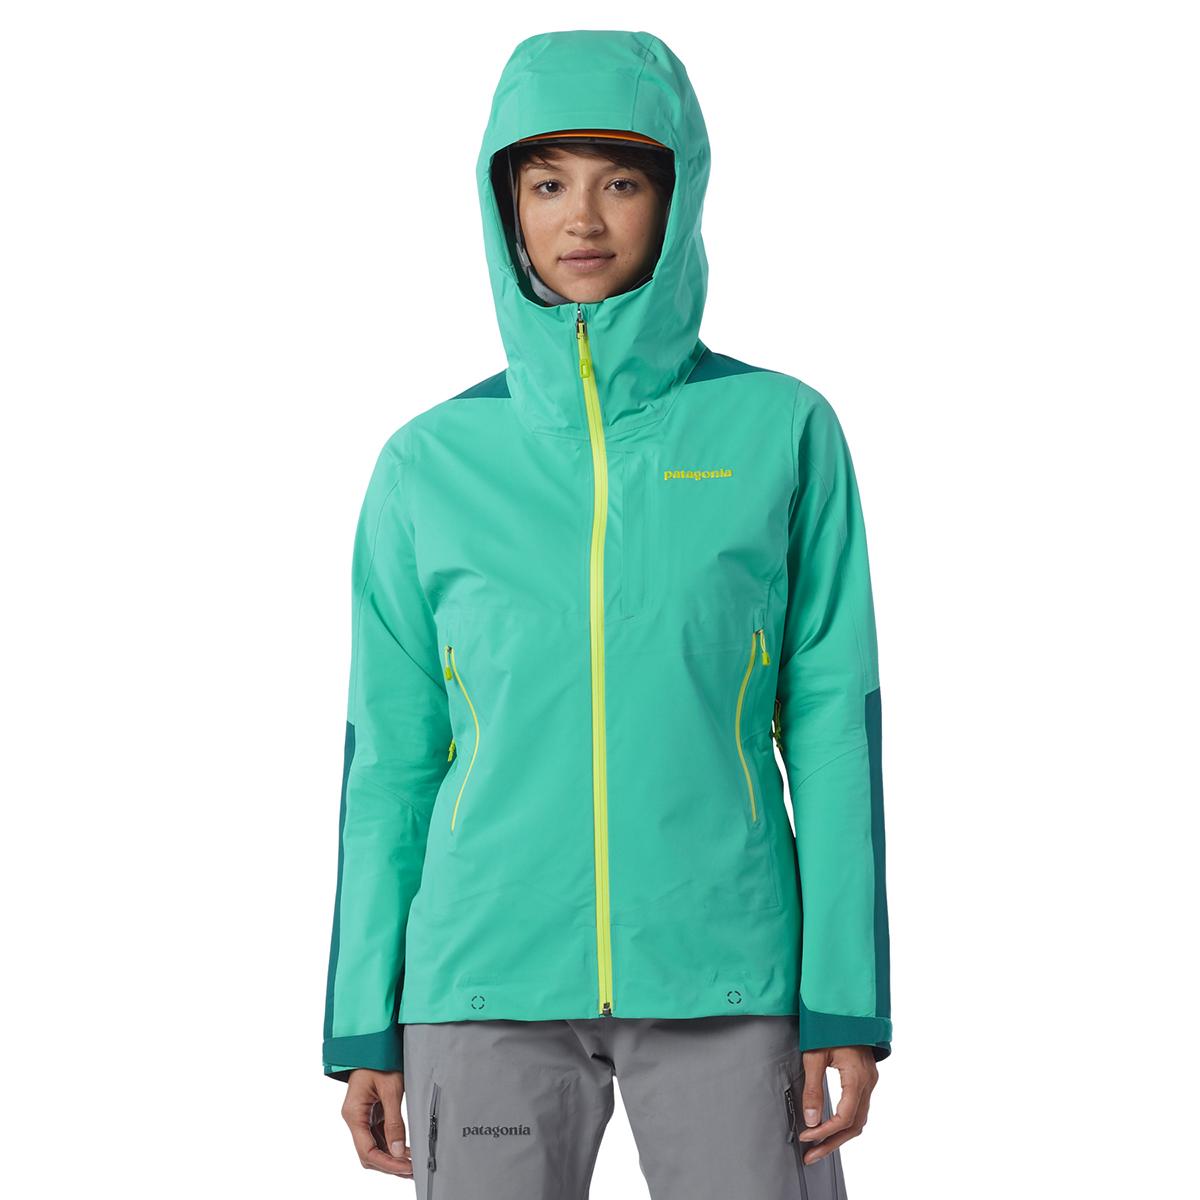 Patagonia Refugitive Jacket Womens | Technical Jackets | EpicTV Shop